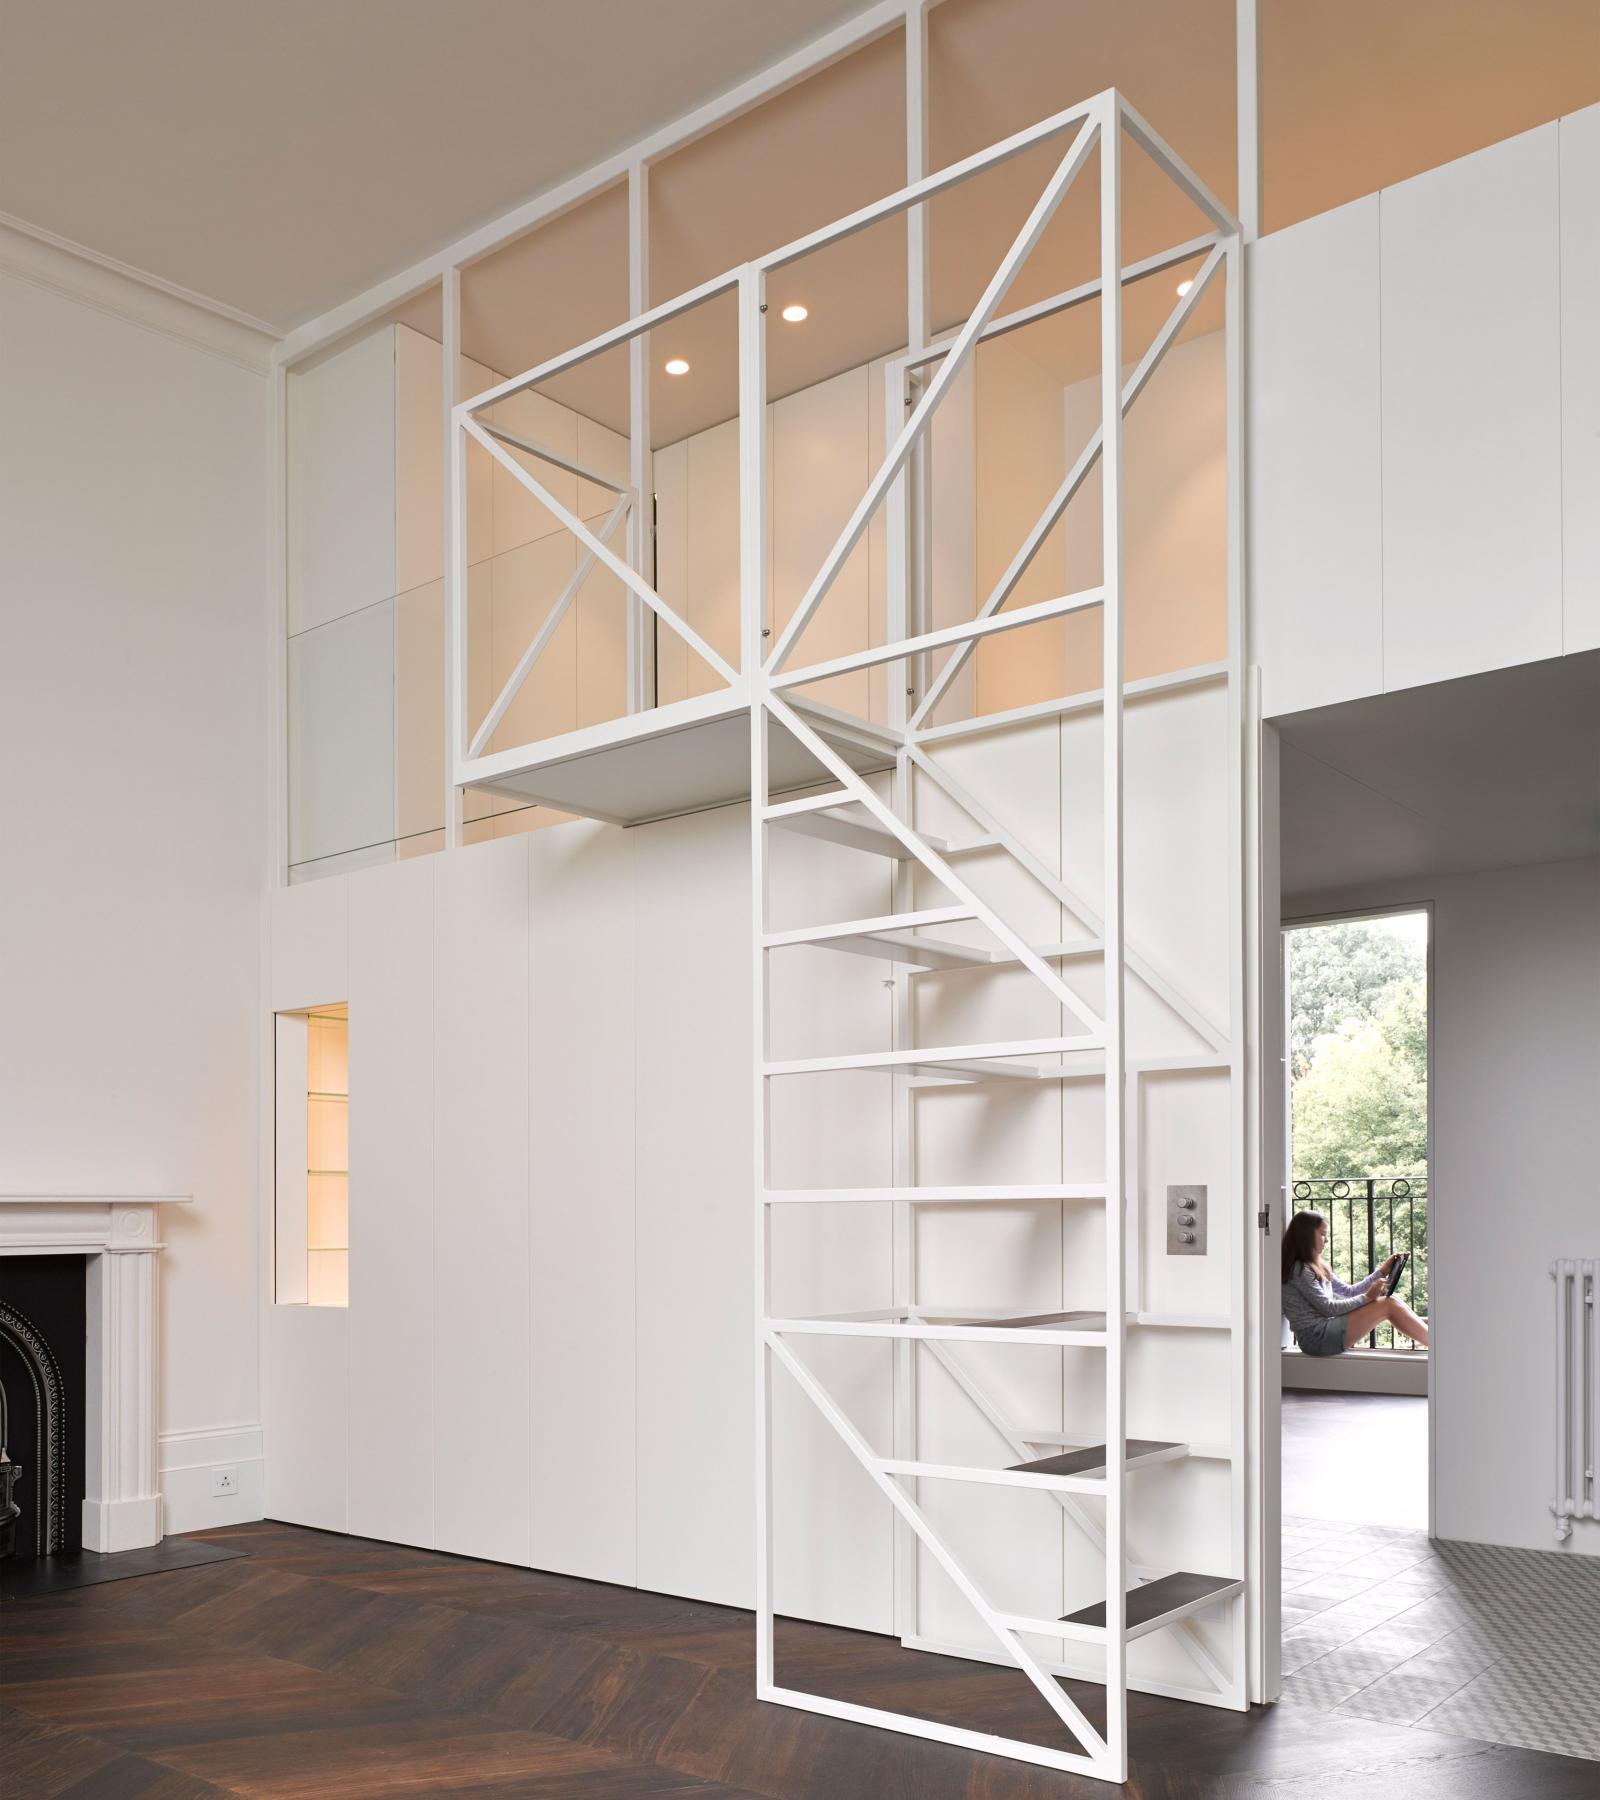 Một mẫu cầu thang gác lửng giá rẻ